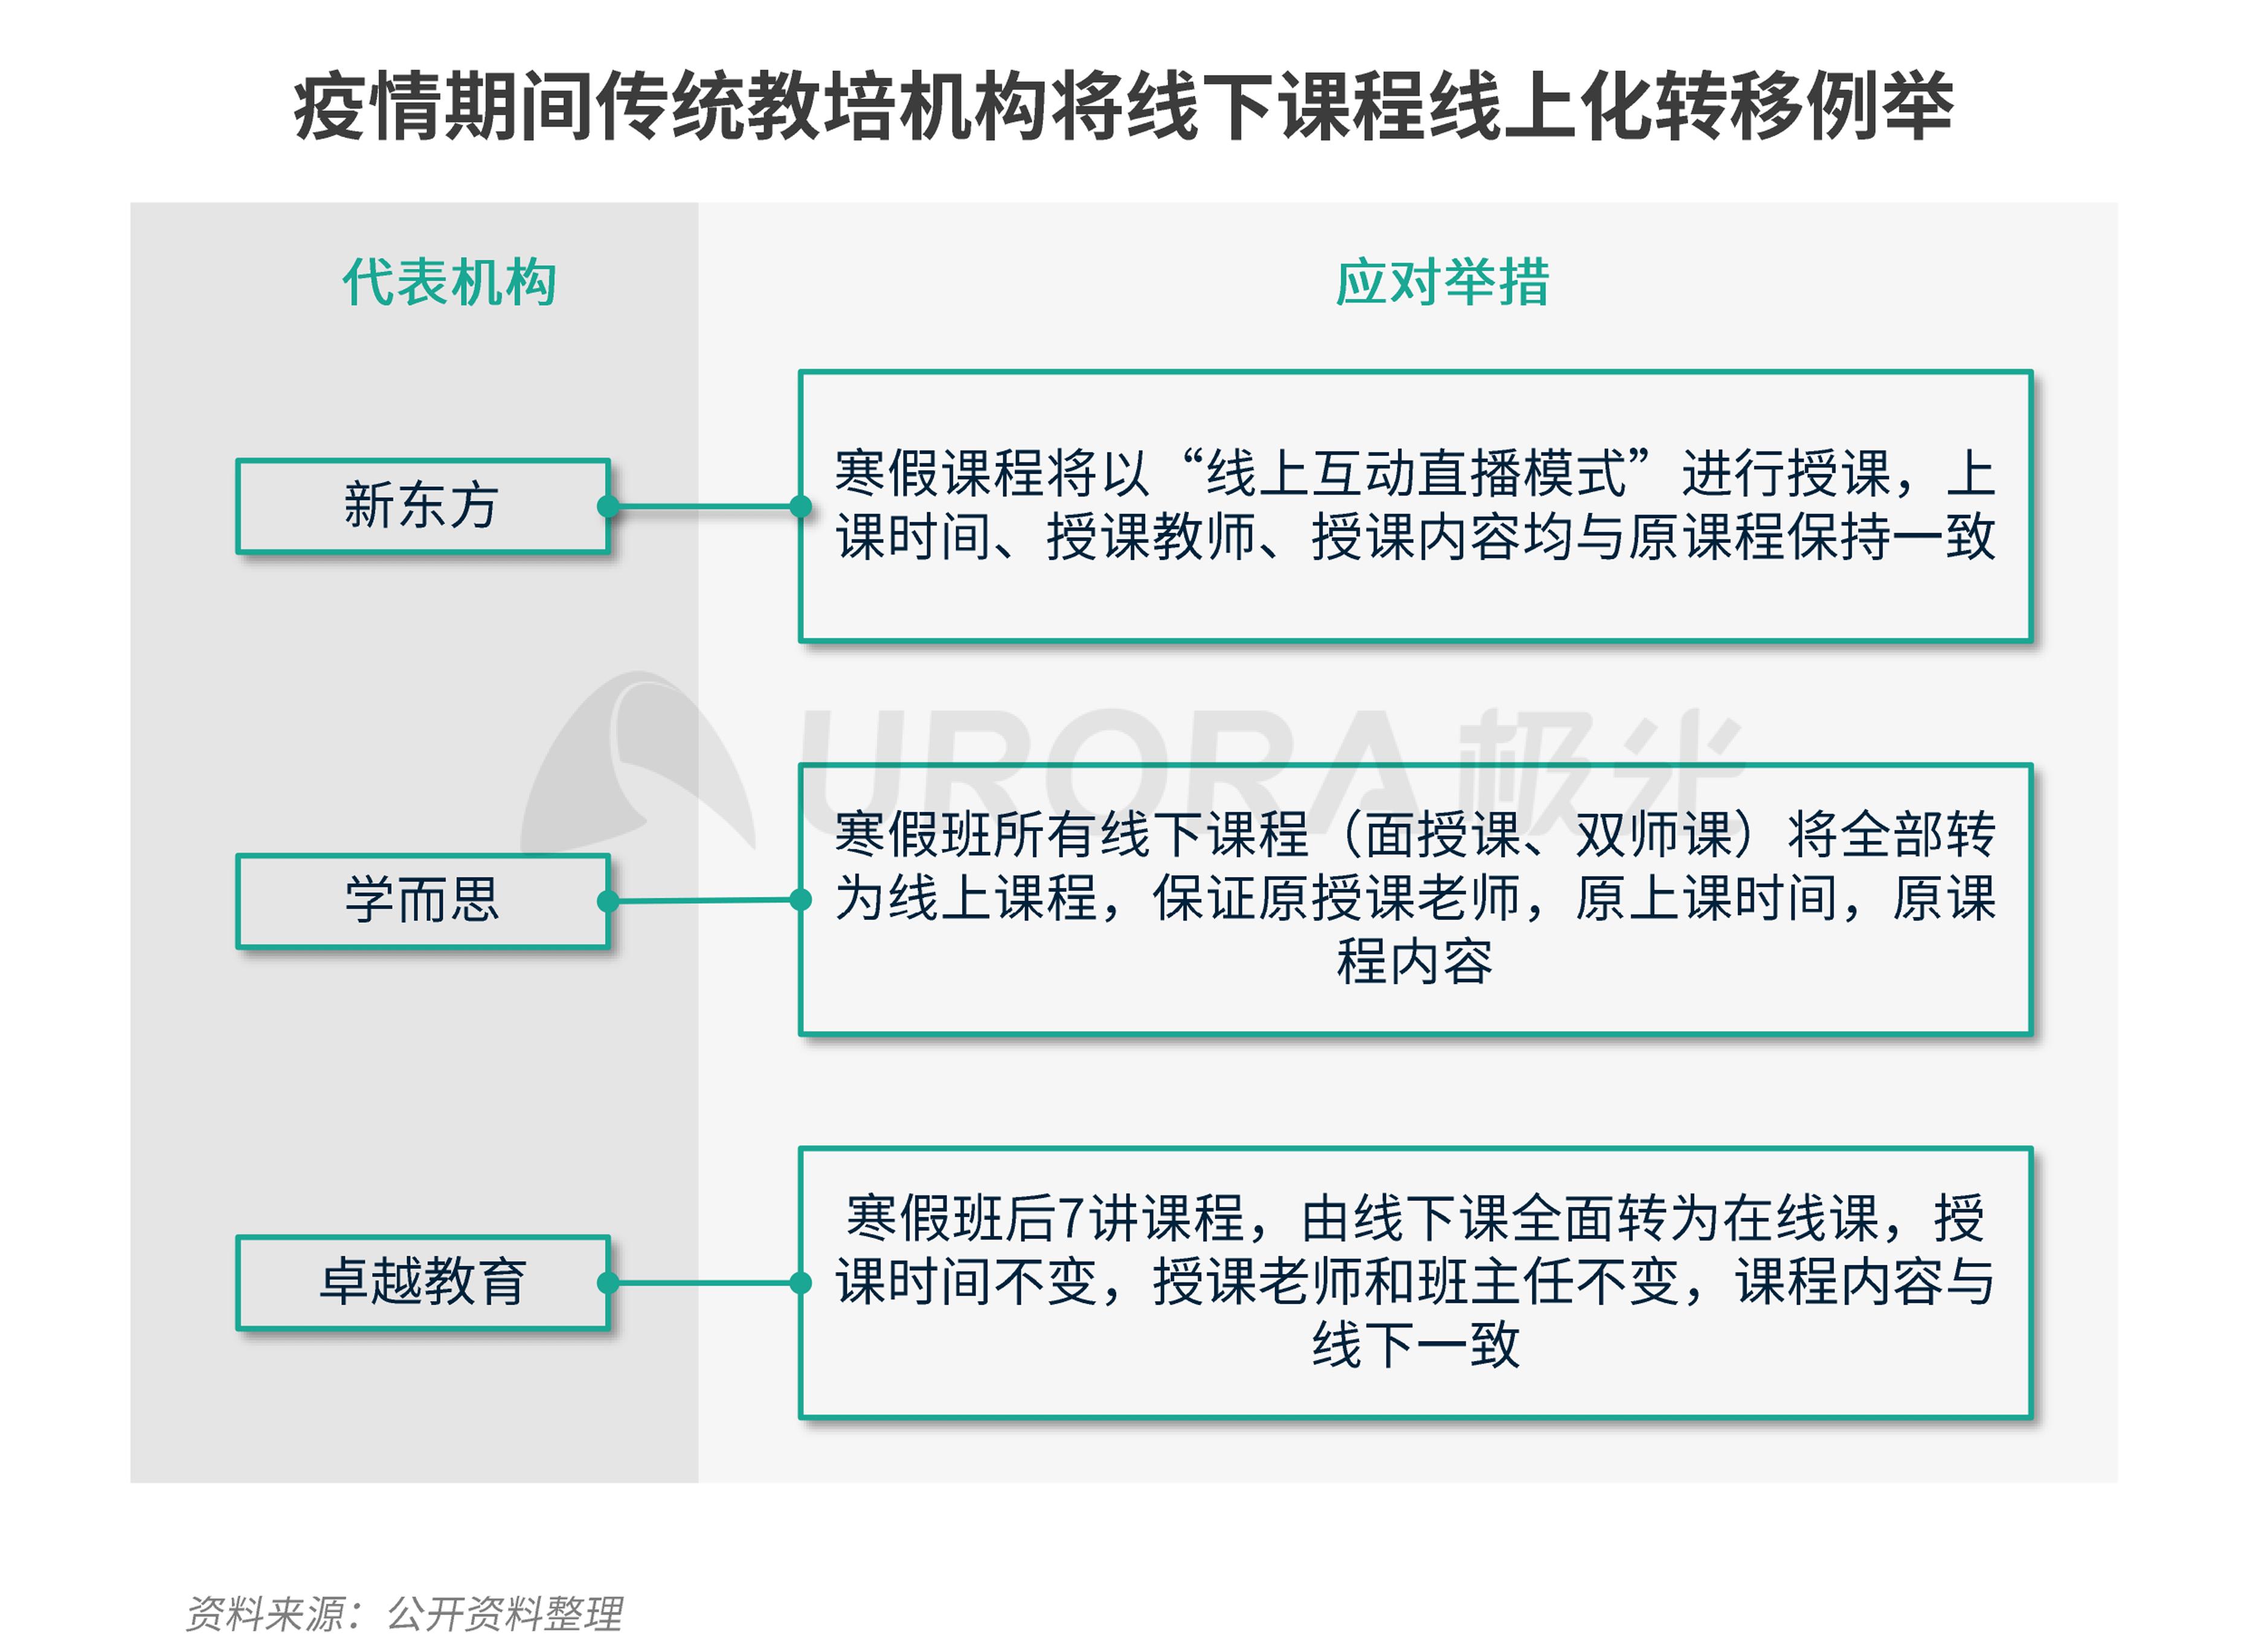 极光:K12教育报告 (12).png